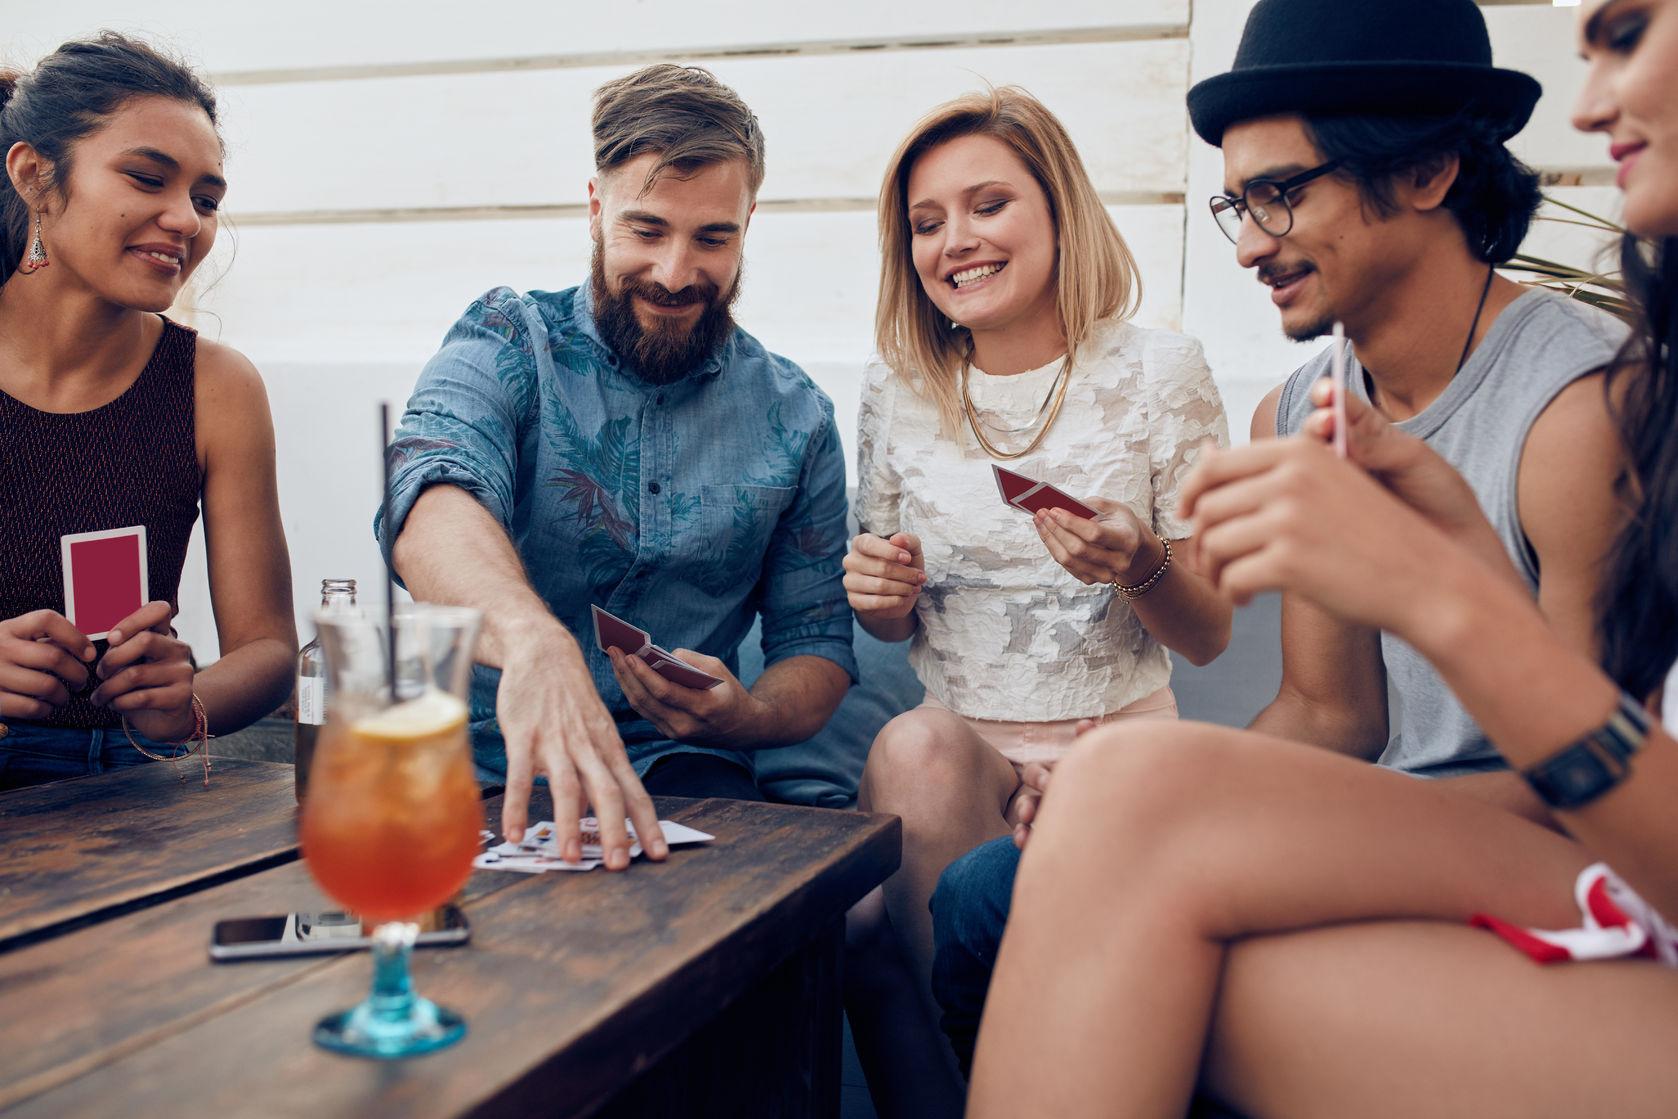 partyspiele ohne alkohol